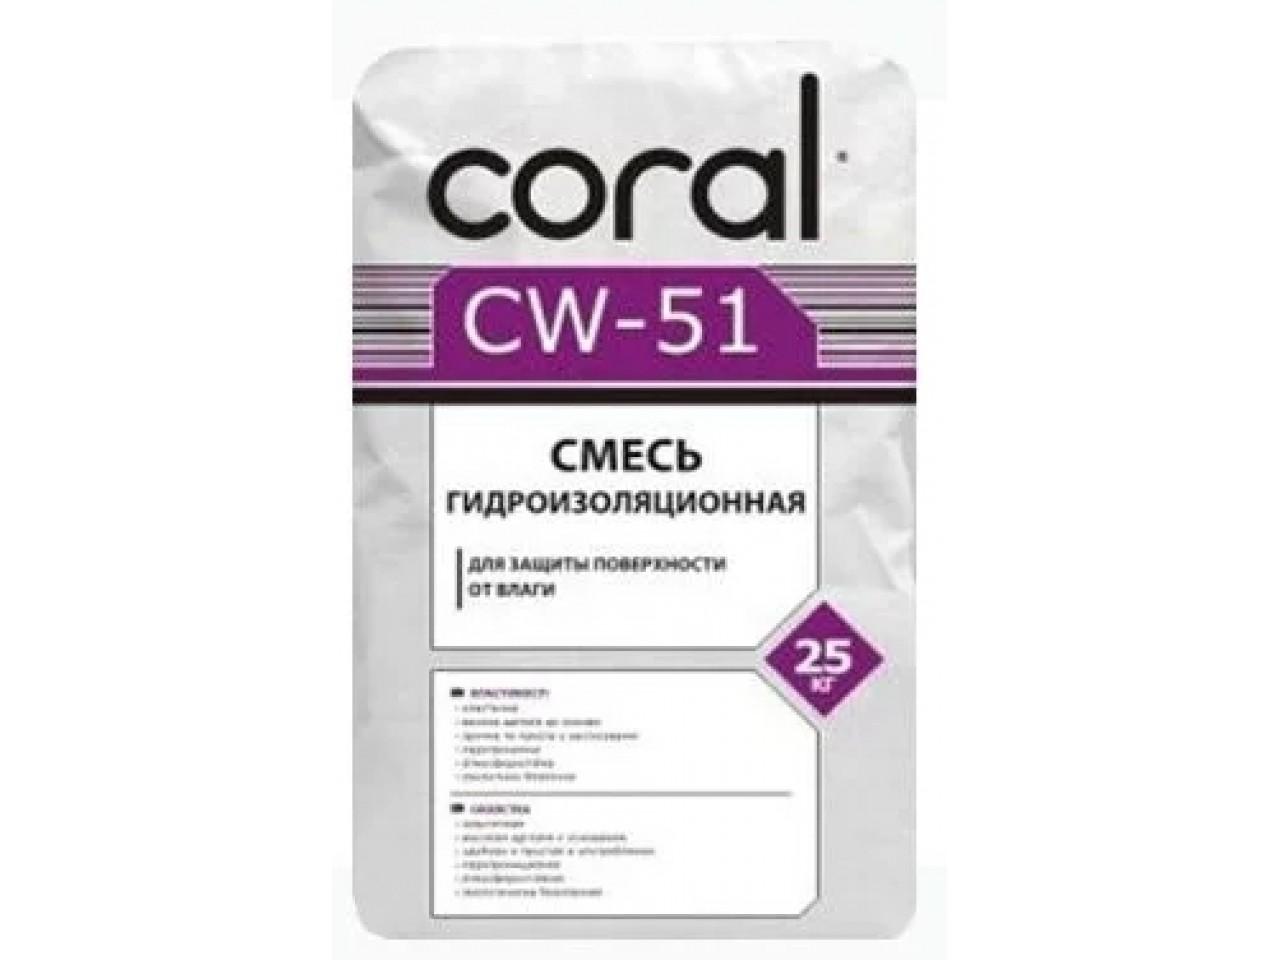 Гидроизоляционная смесь Coral CW-51 25 кг